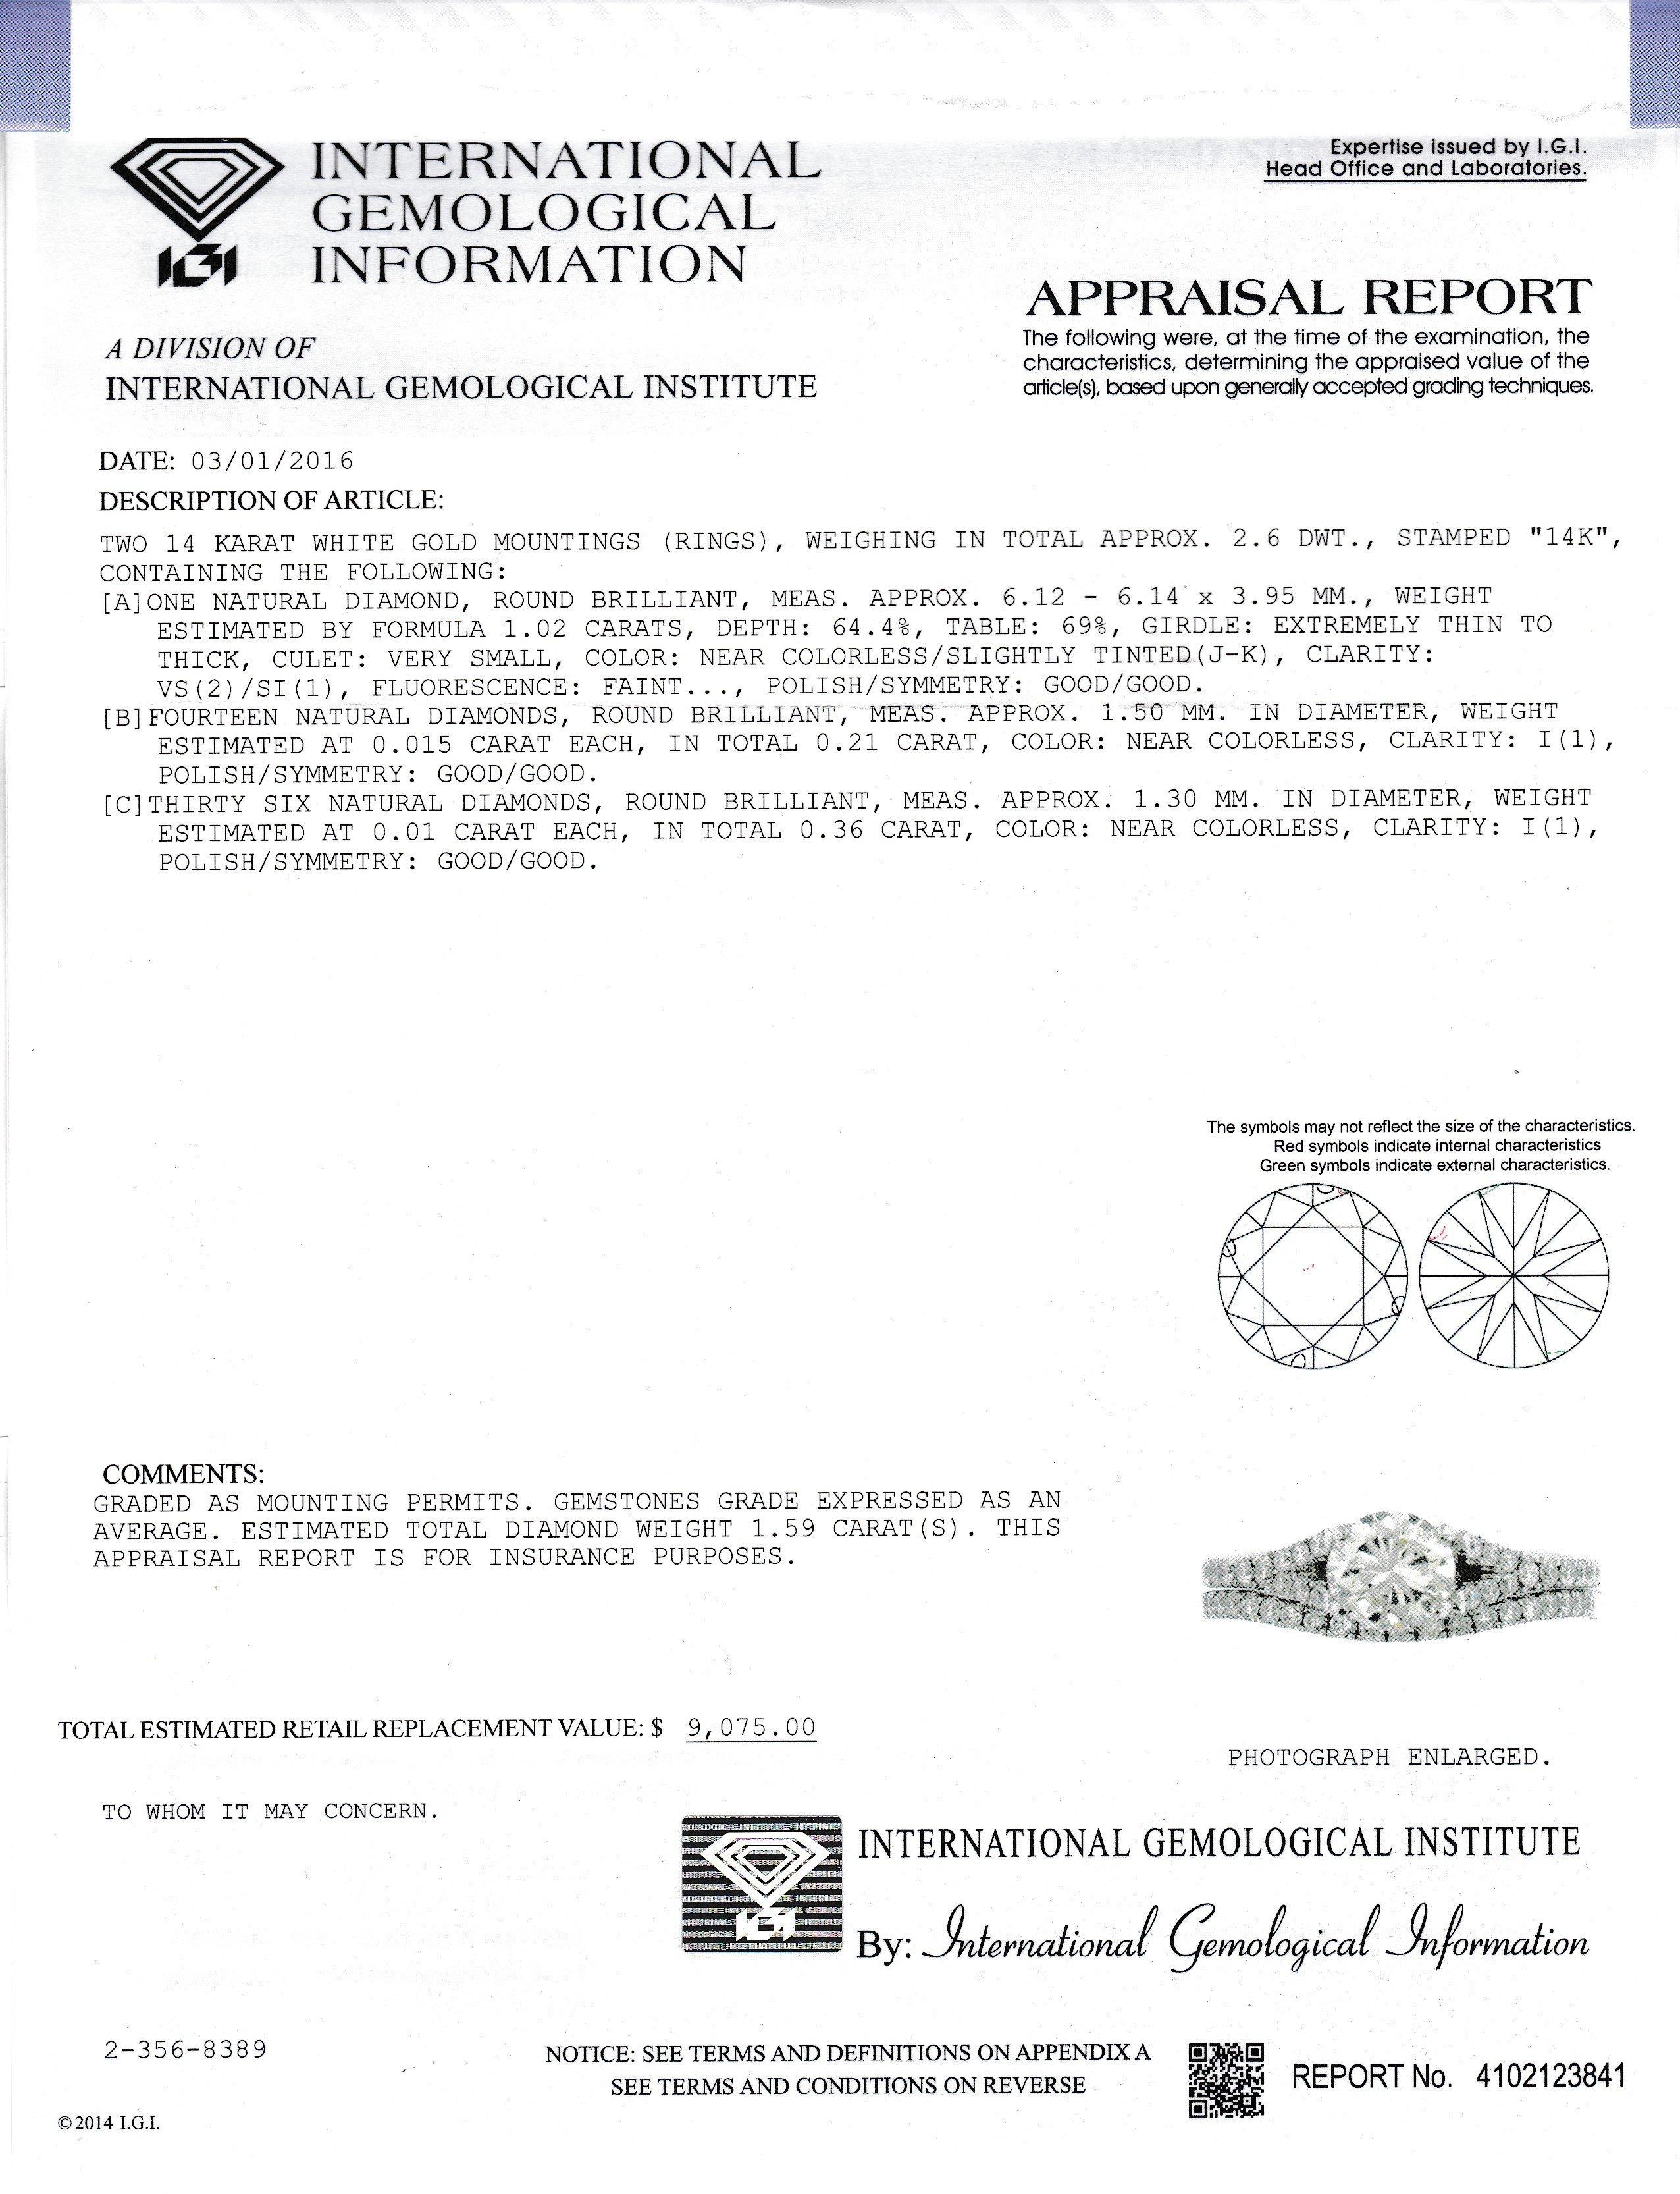 IGI report